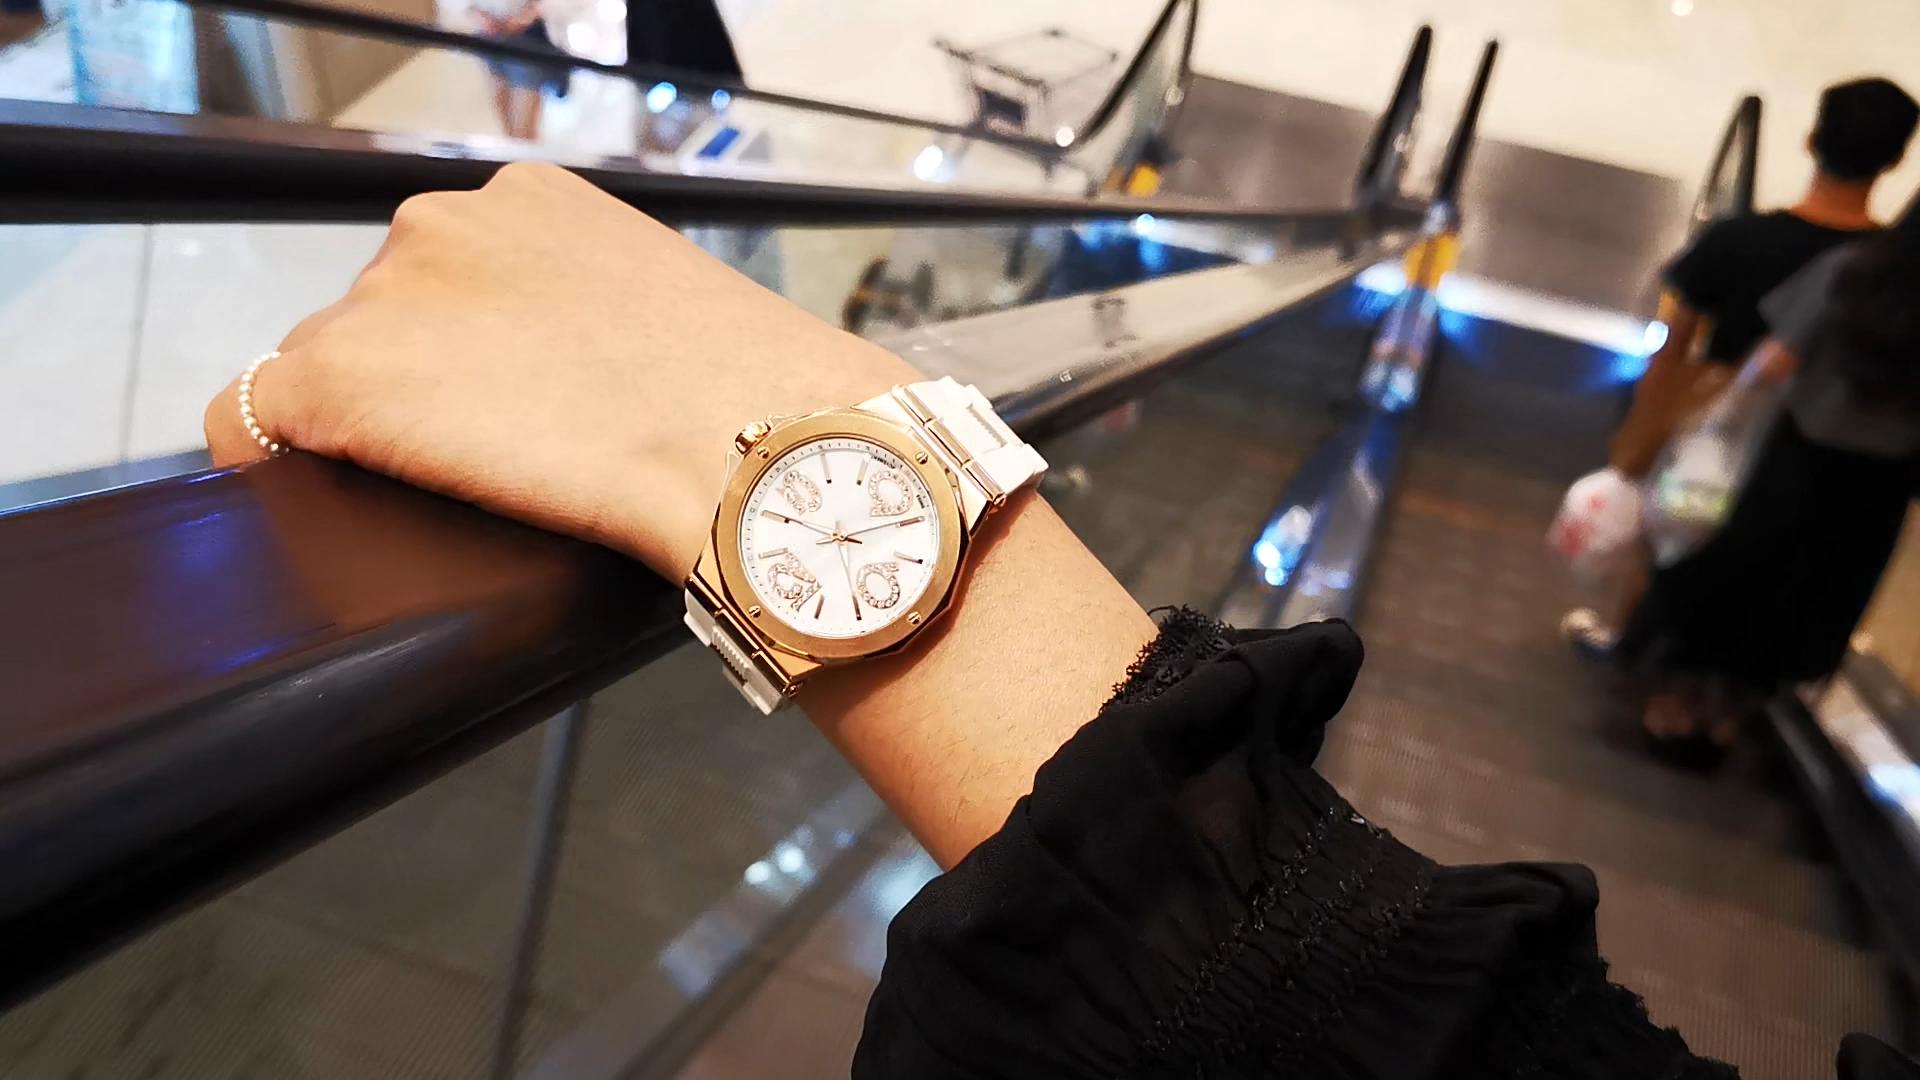 Dualtime shenzhen senhoras relógios marcas marcas de luxo do relógio em aço inoxidável mulheres relógio de quartzo